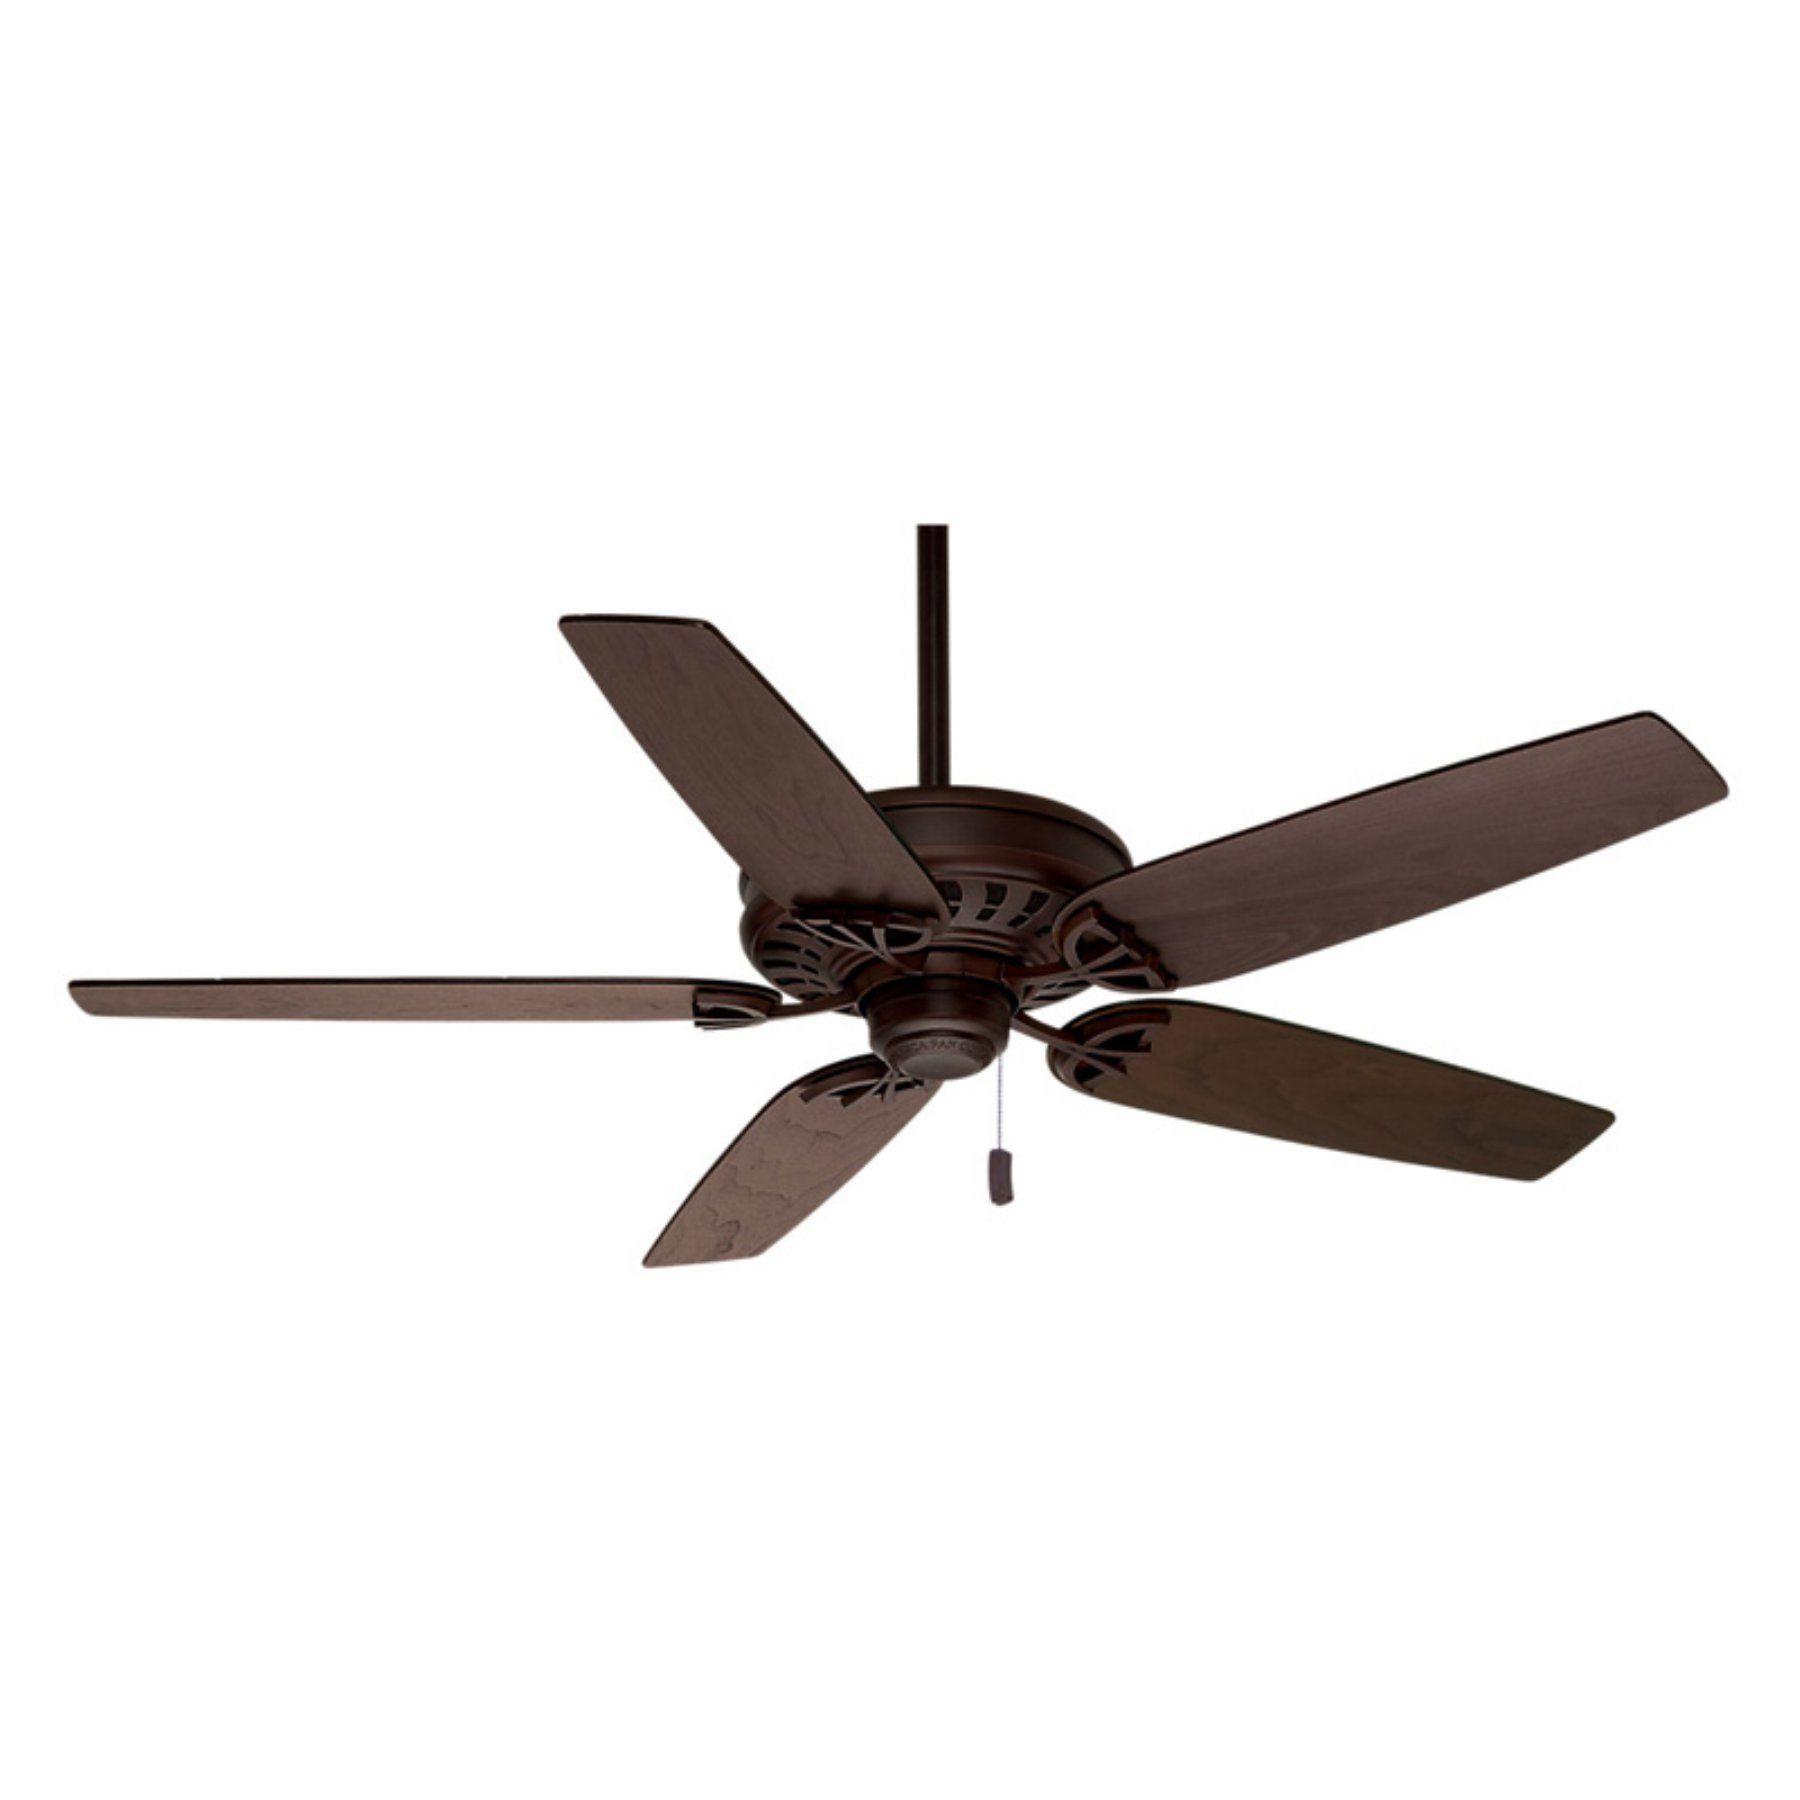 Casablanca 54 in Concentra Indoor Ceiling Fan ENERGY STAR